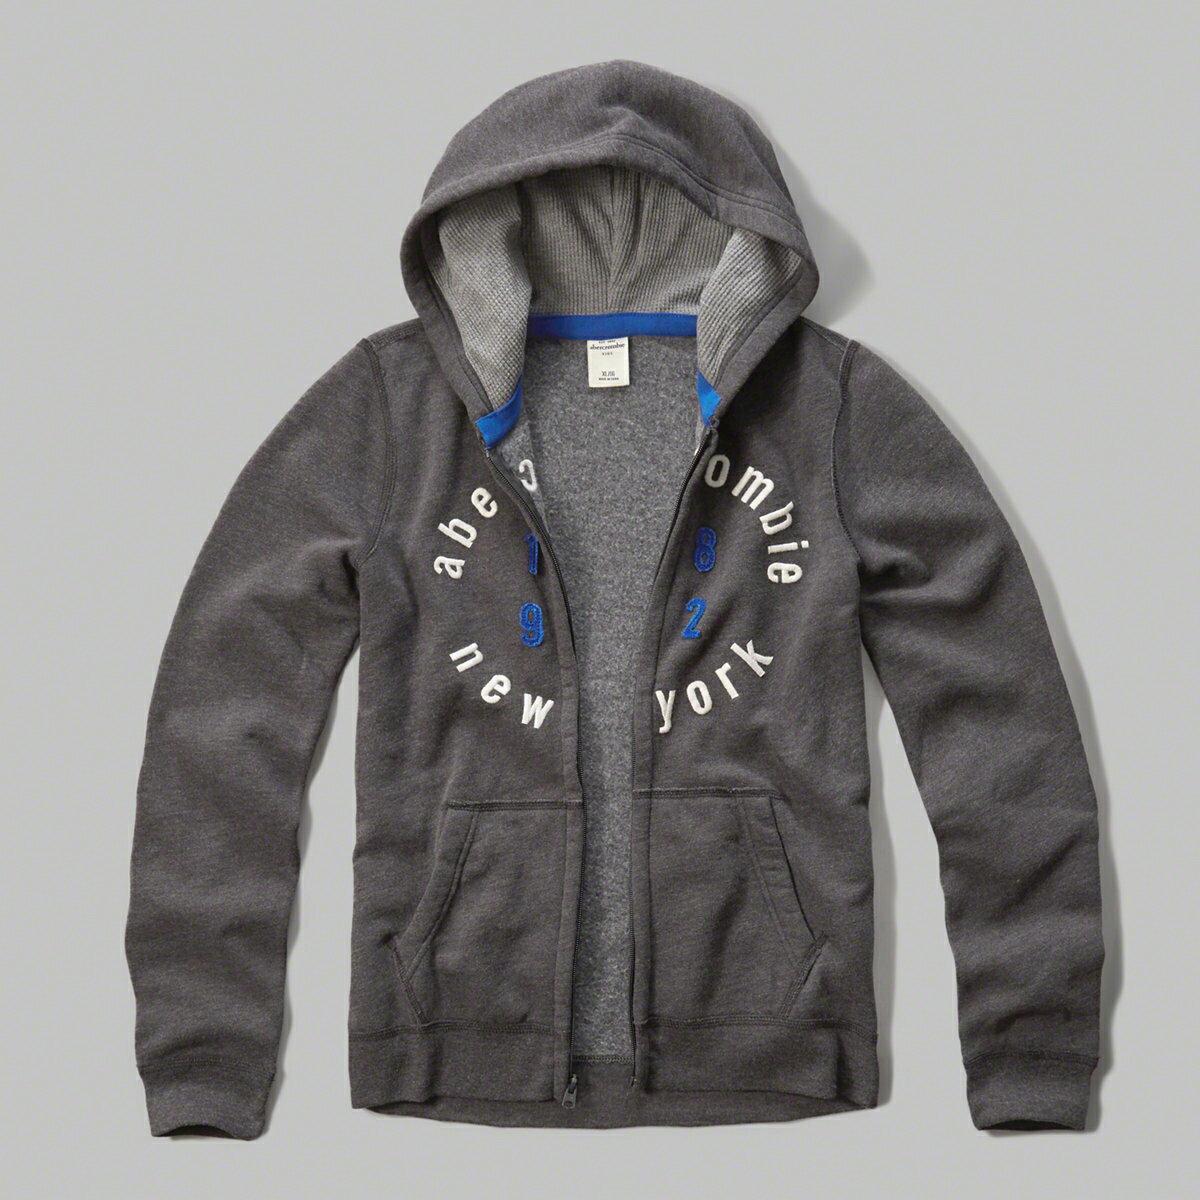 美國百分百【Abercrombie & Fitch】外套 AF 連帽 長袖 夾克 麋鹿 深灰 男 女 S號 特價 F805